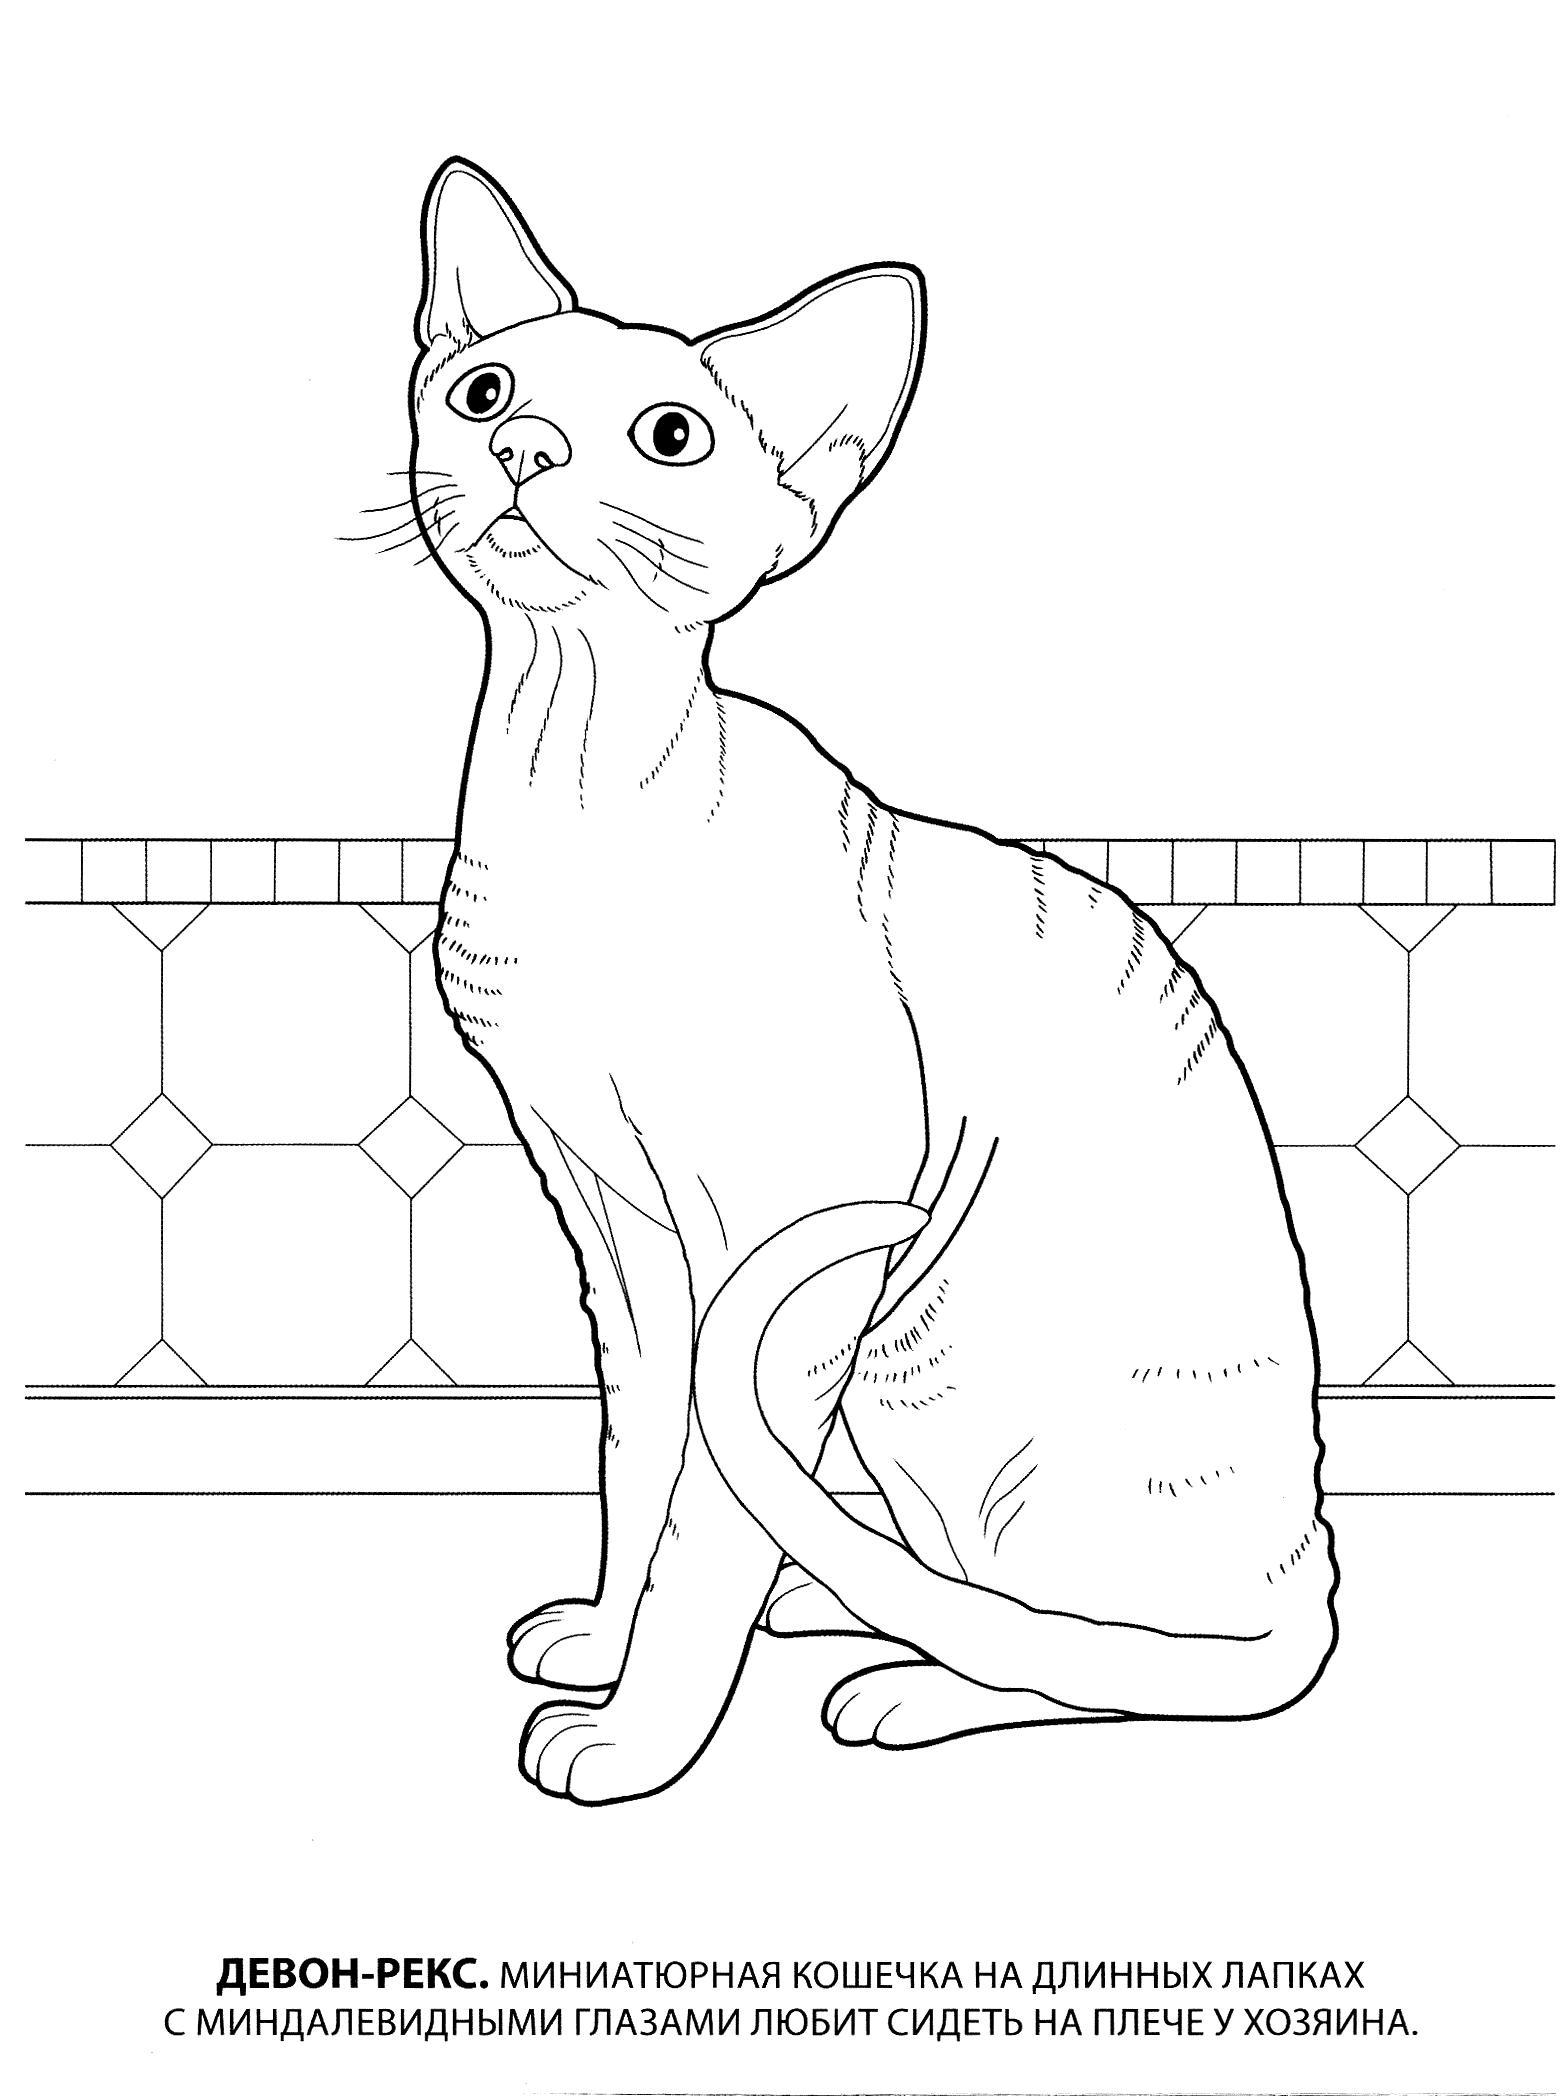 Раскраска девон рекс. раскраска породы кошек, картинки с кошками, изображения кошек, скачать разукраску, бесплатно, детский сайт